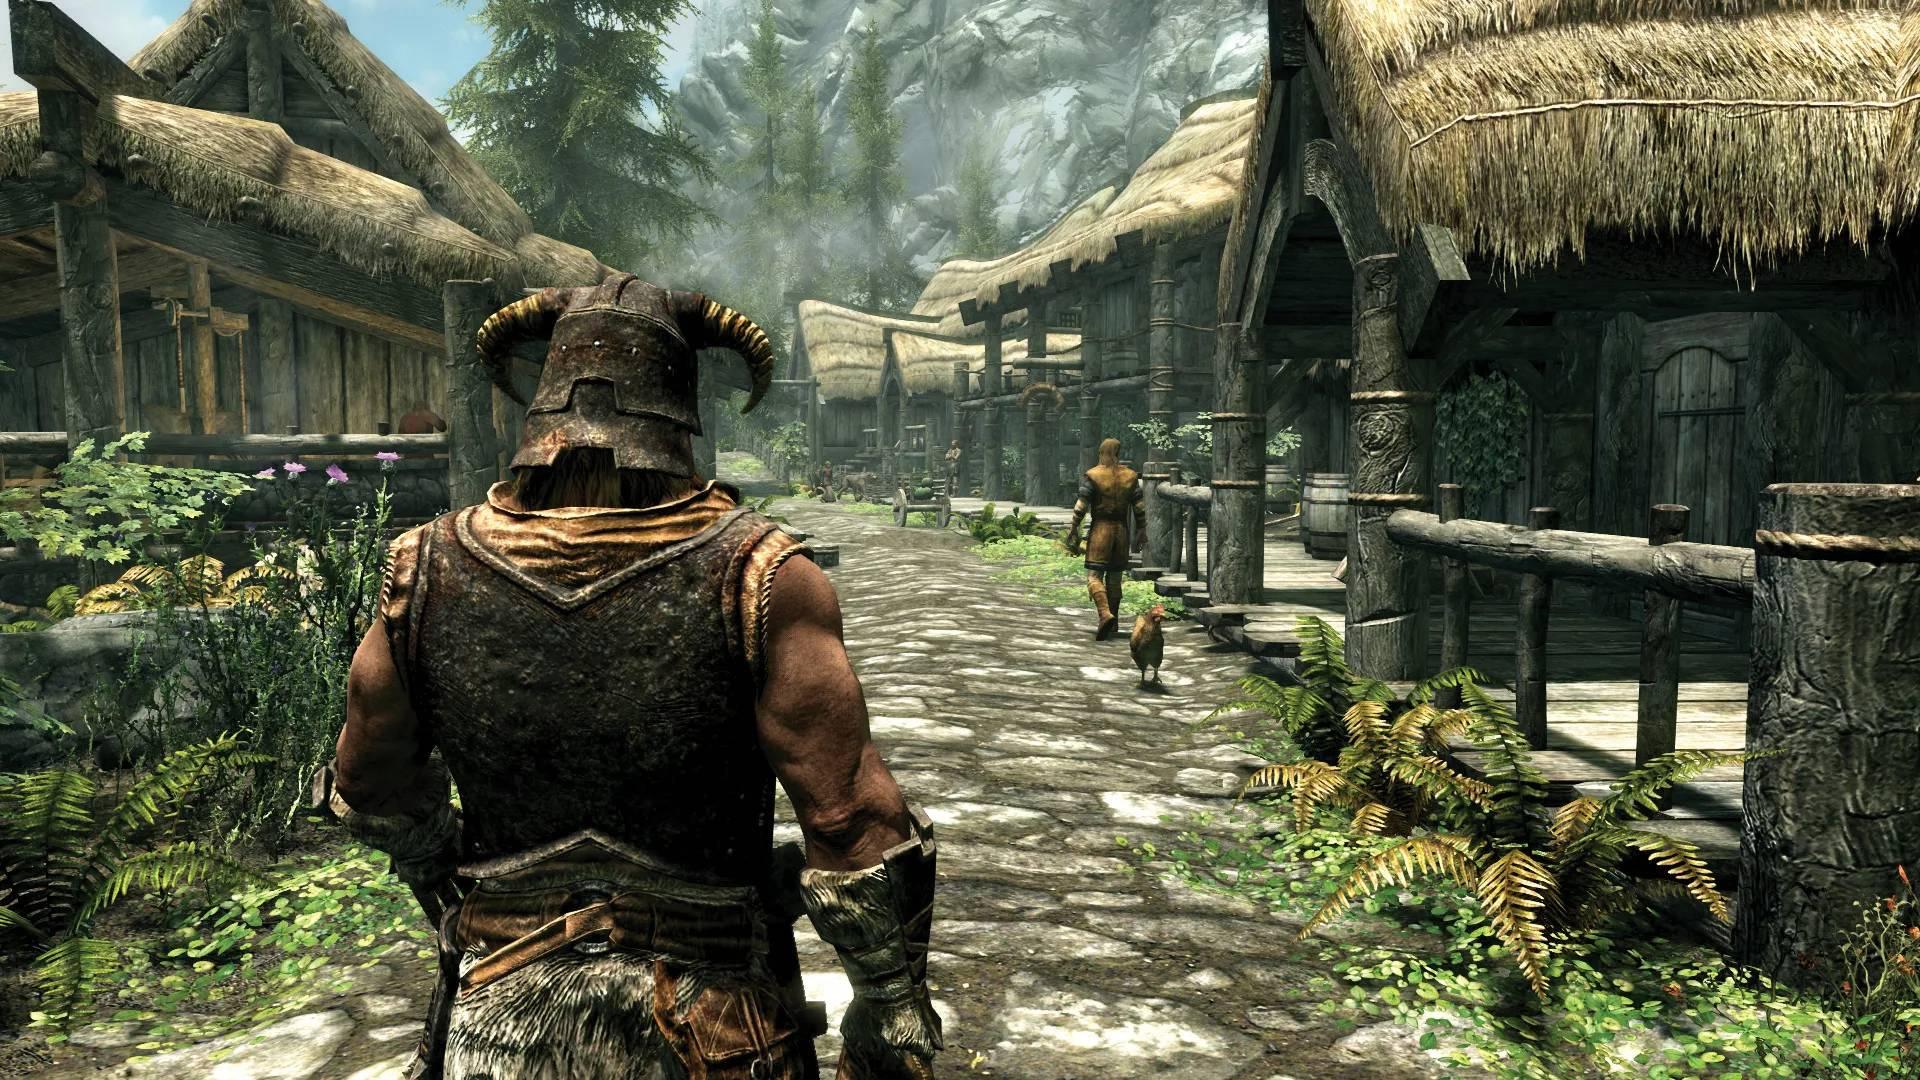 captura de tela do jogo The Elder Scrolls V: Skyrim